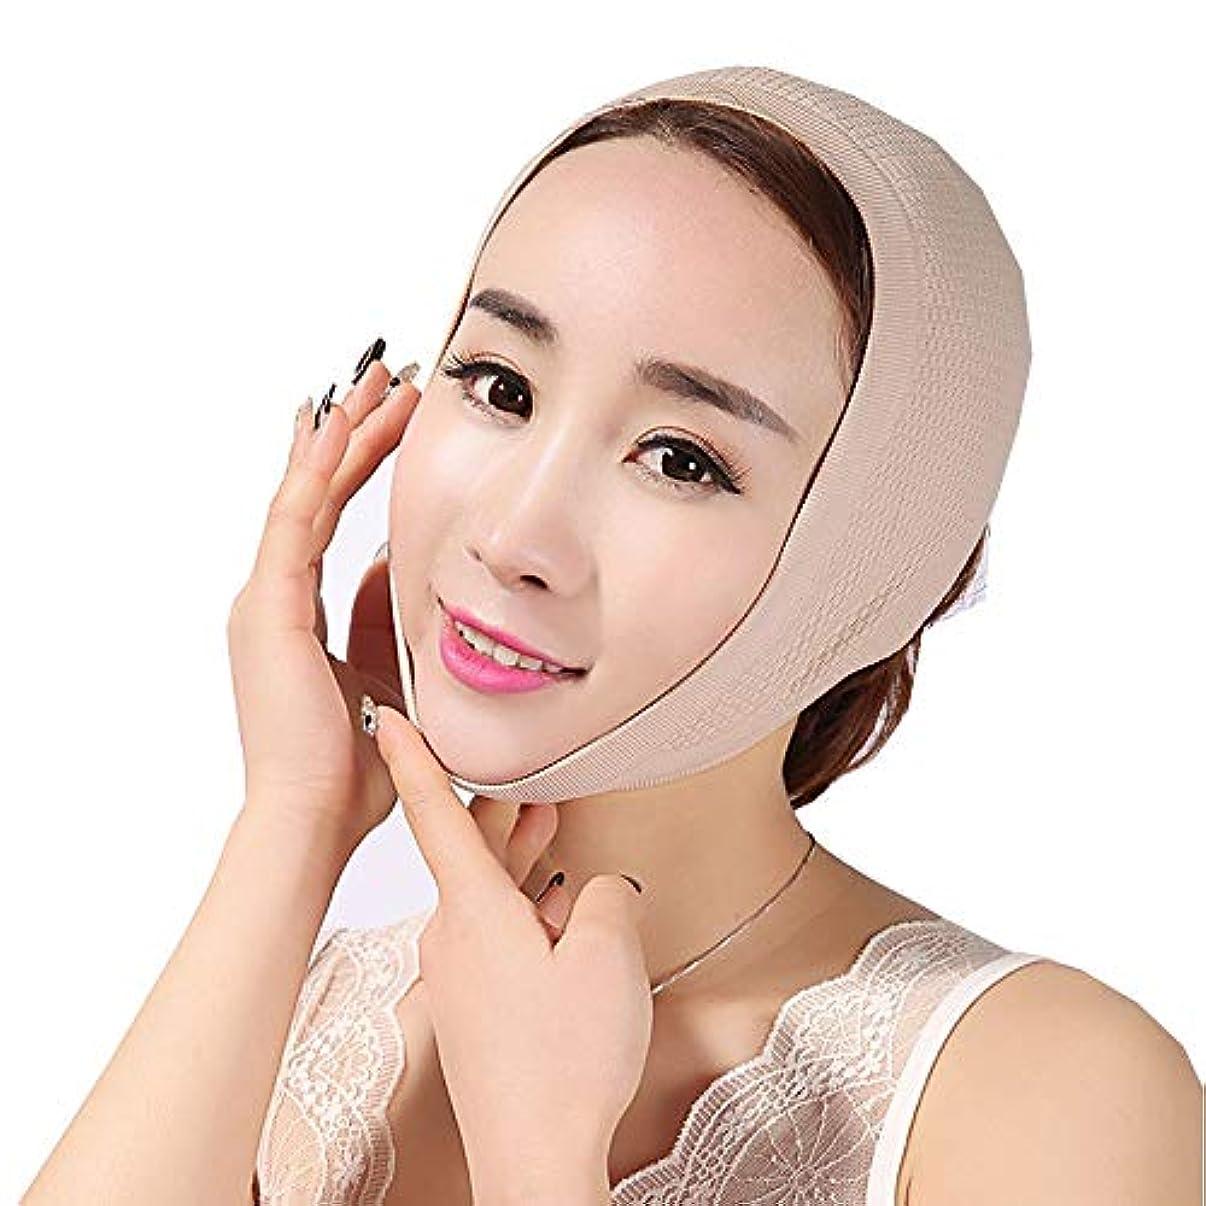 間違えた告白するプレビスサイトフェイスマスクで眠る薄い顔フェイスリフトフェイスリフトアーティファクトスモールフェイスVフェイスリフト付きフェイスフェイス包帯引き上げジョーセット